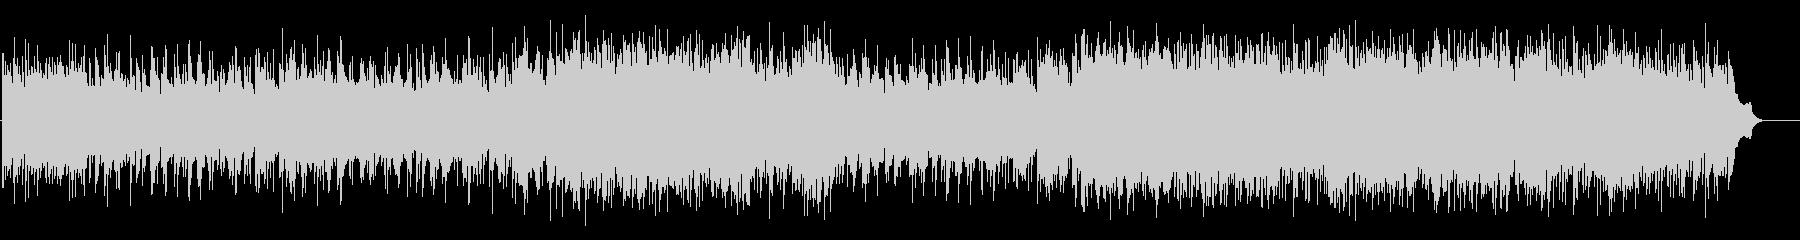 スローなピアノバラード(フルサイズ)の未再生の波形